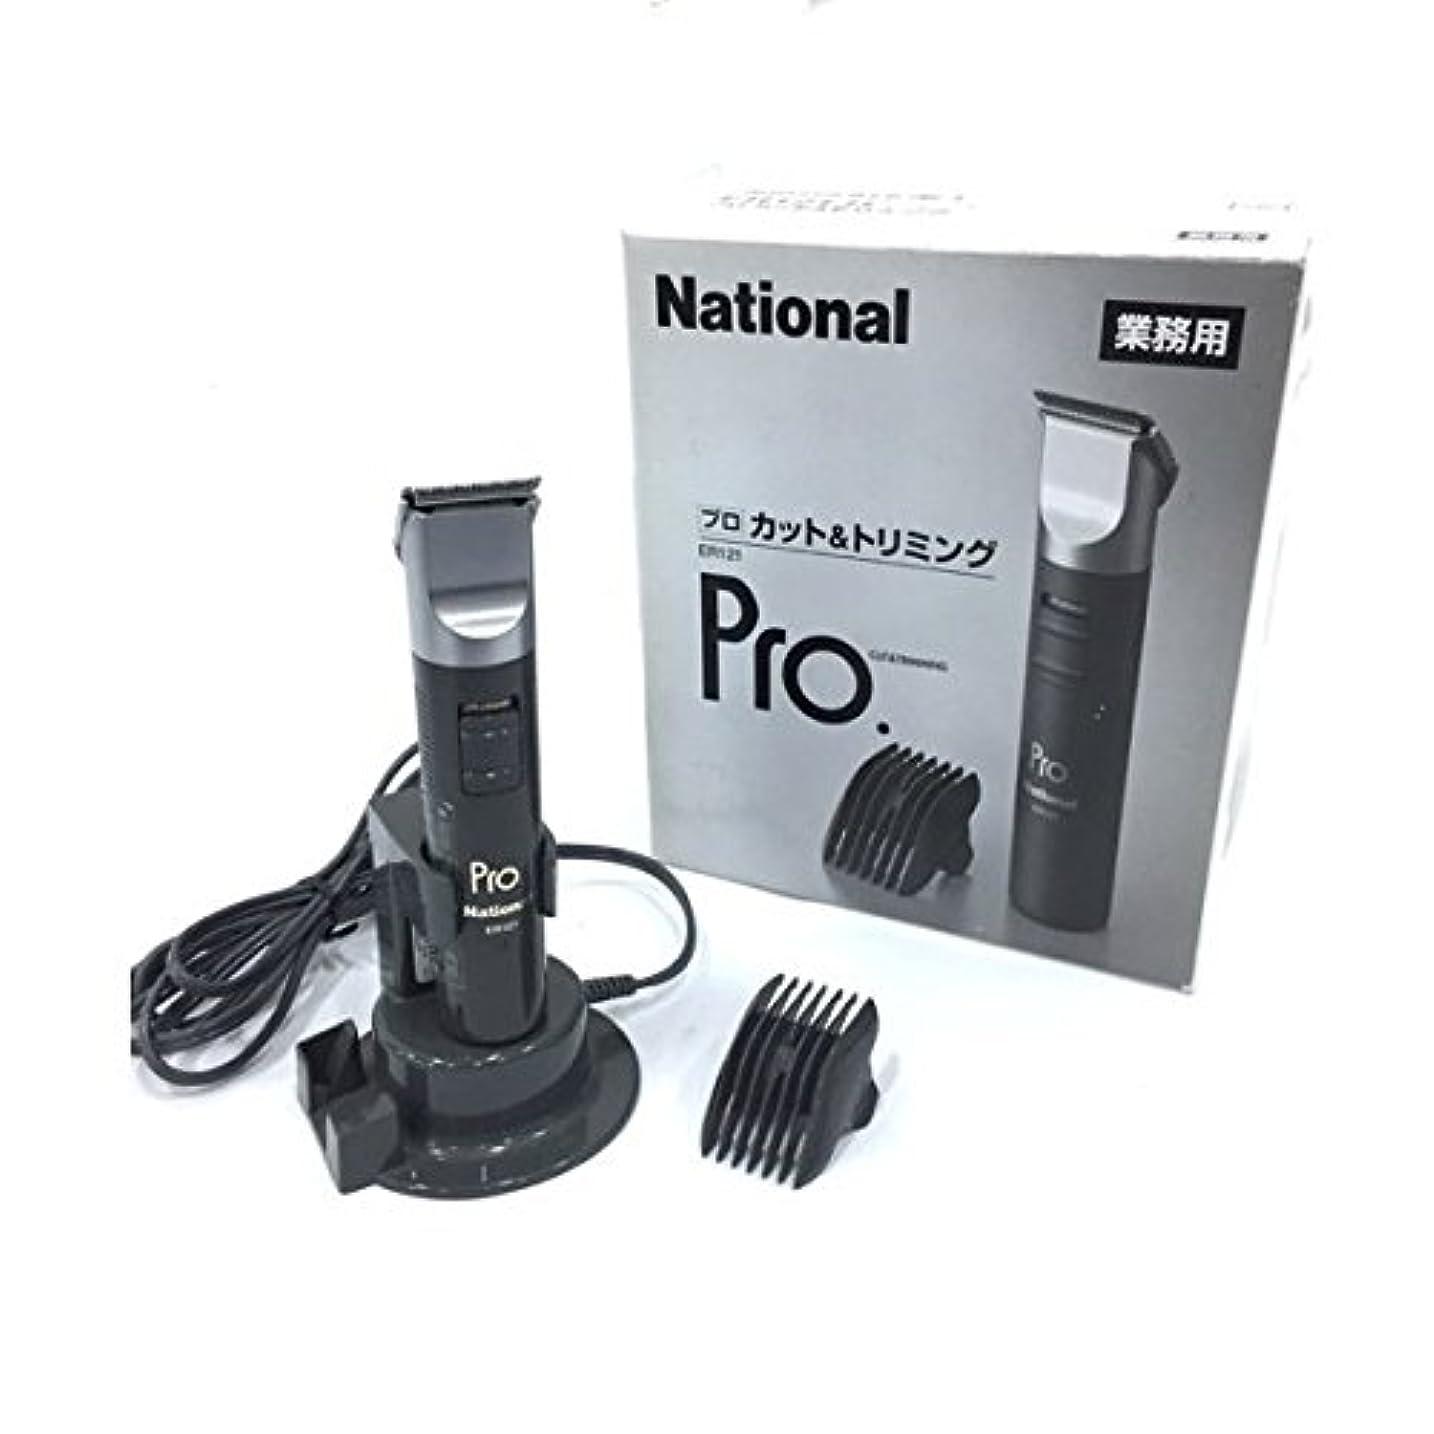 National ER-121 Black 日本製ヘアトリマー ER121 110~ 220V [並行輸入品]